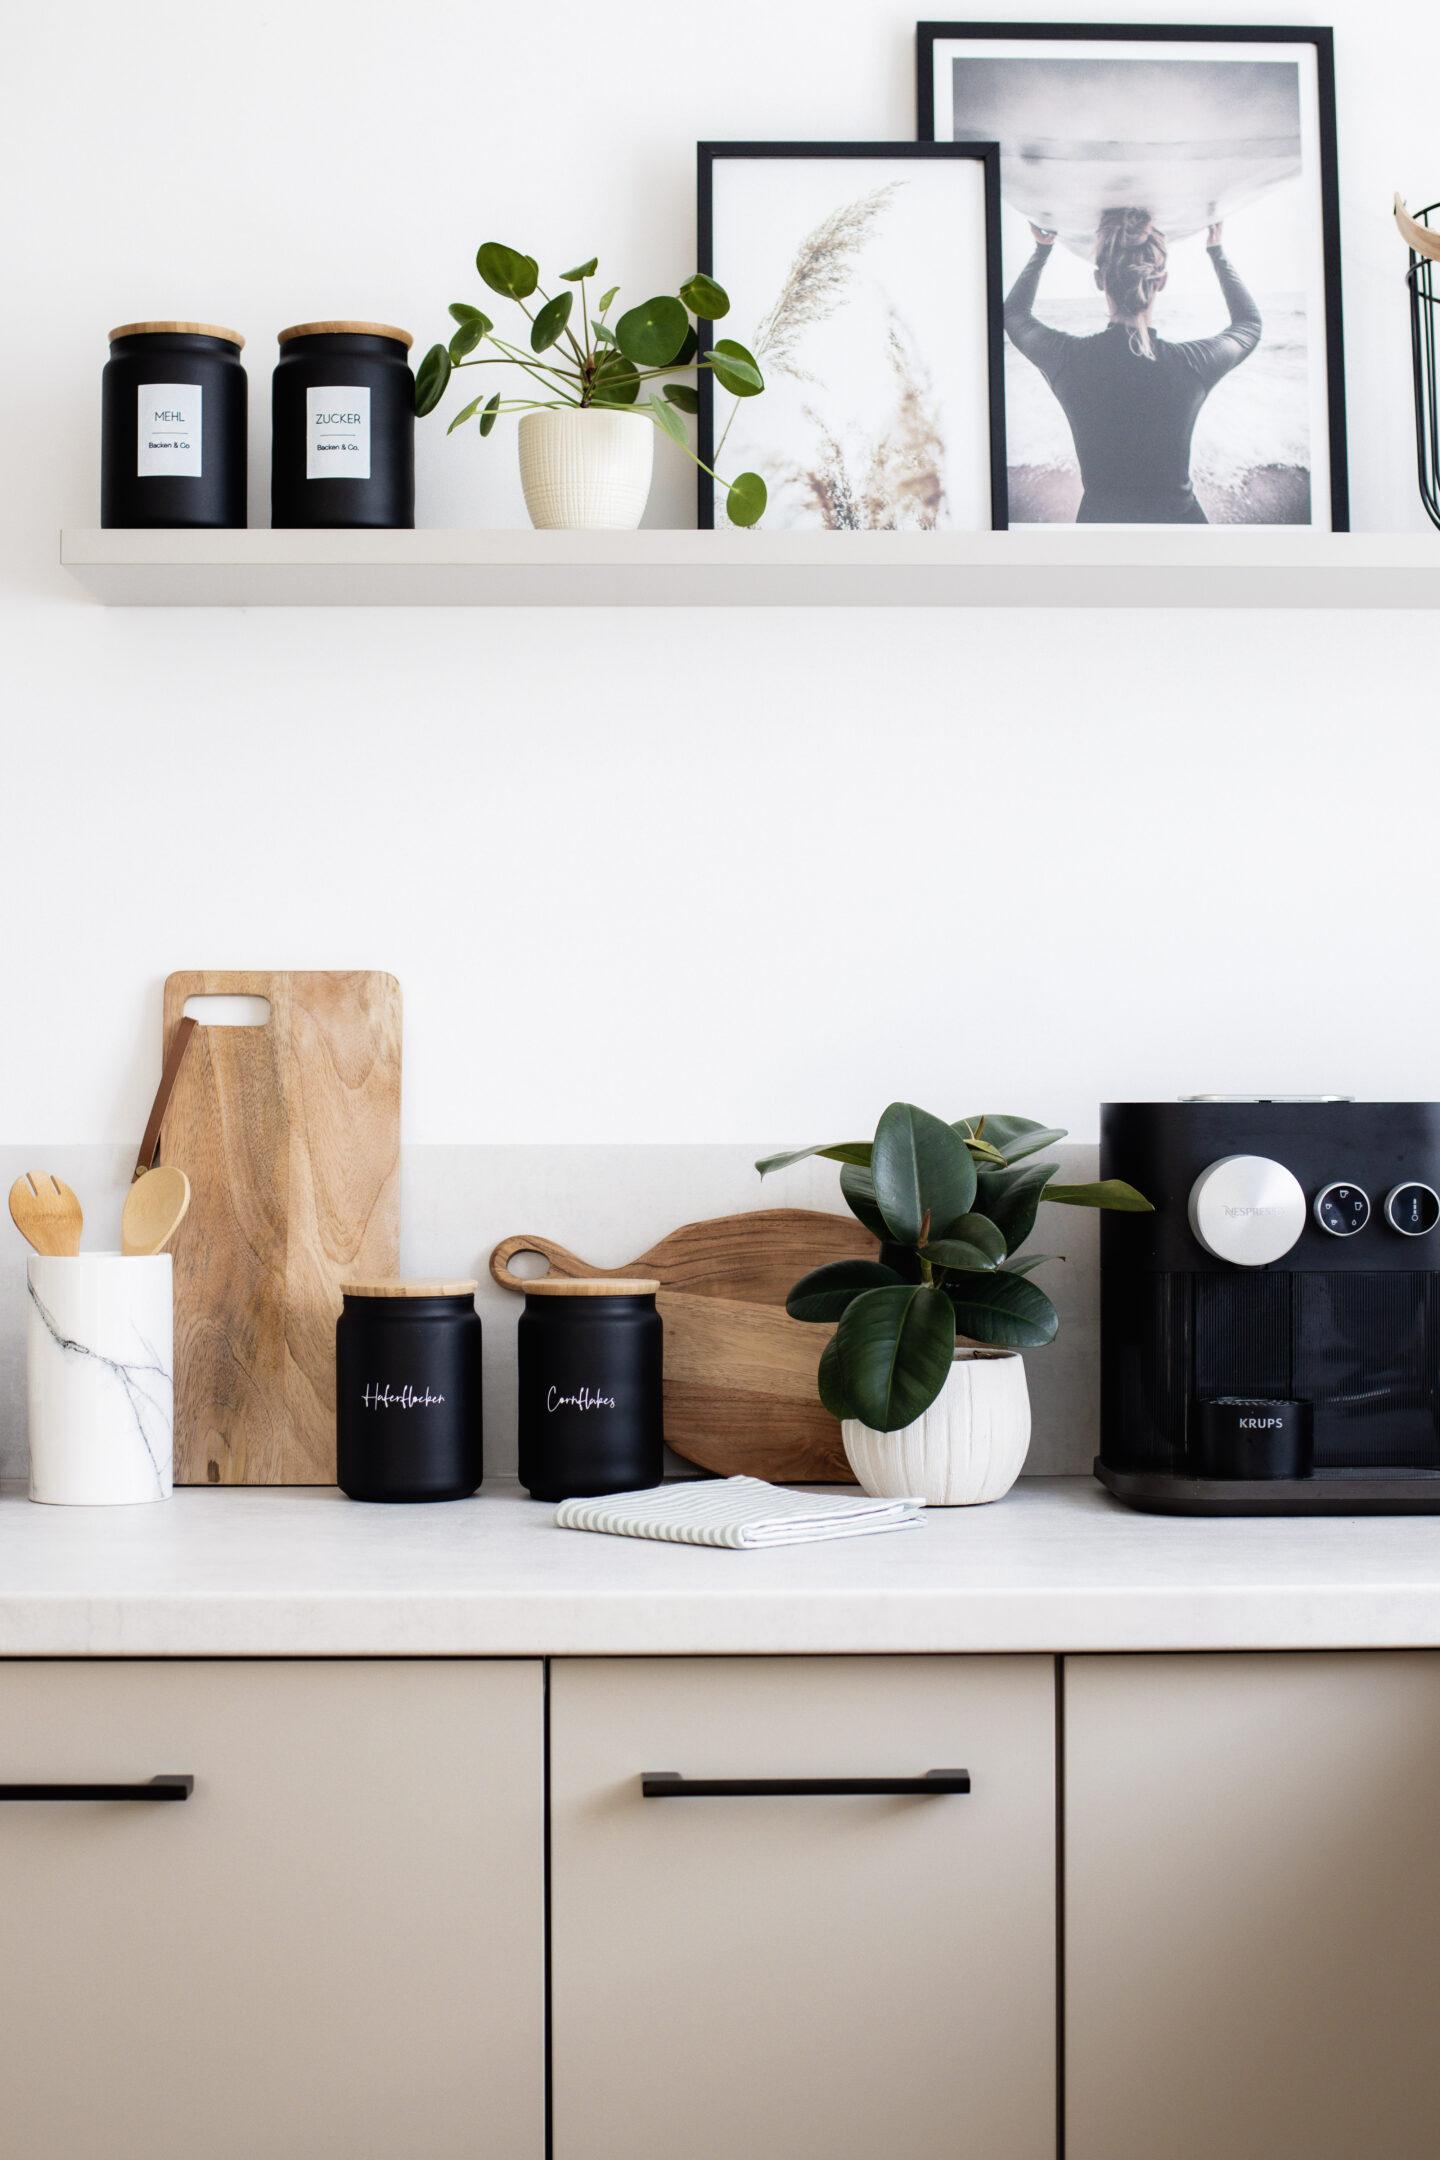 Tipps & Tricks für mehr Ordnung in der Küche